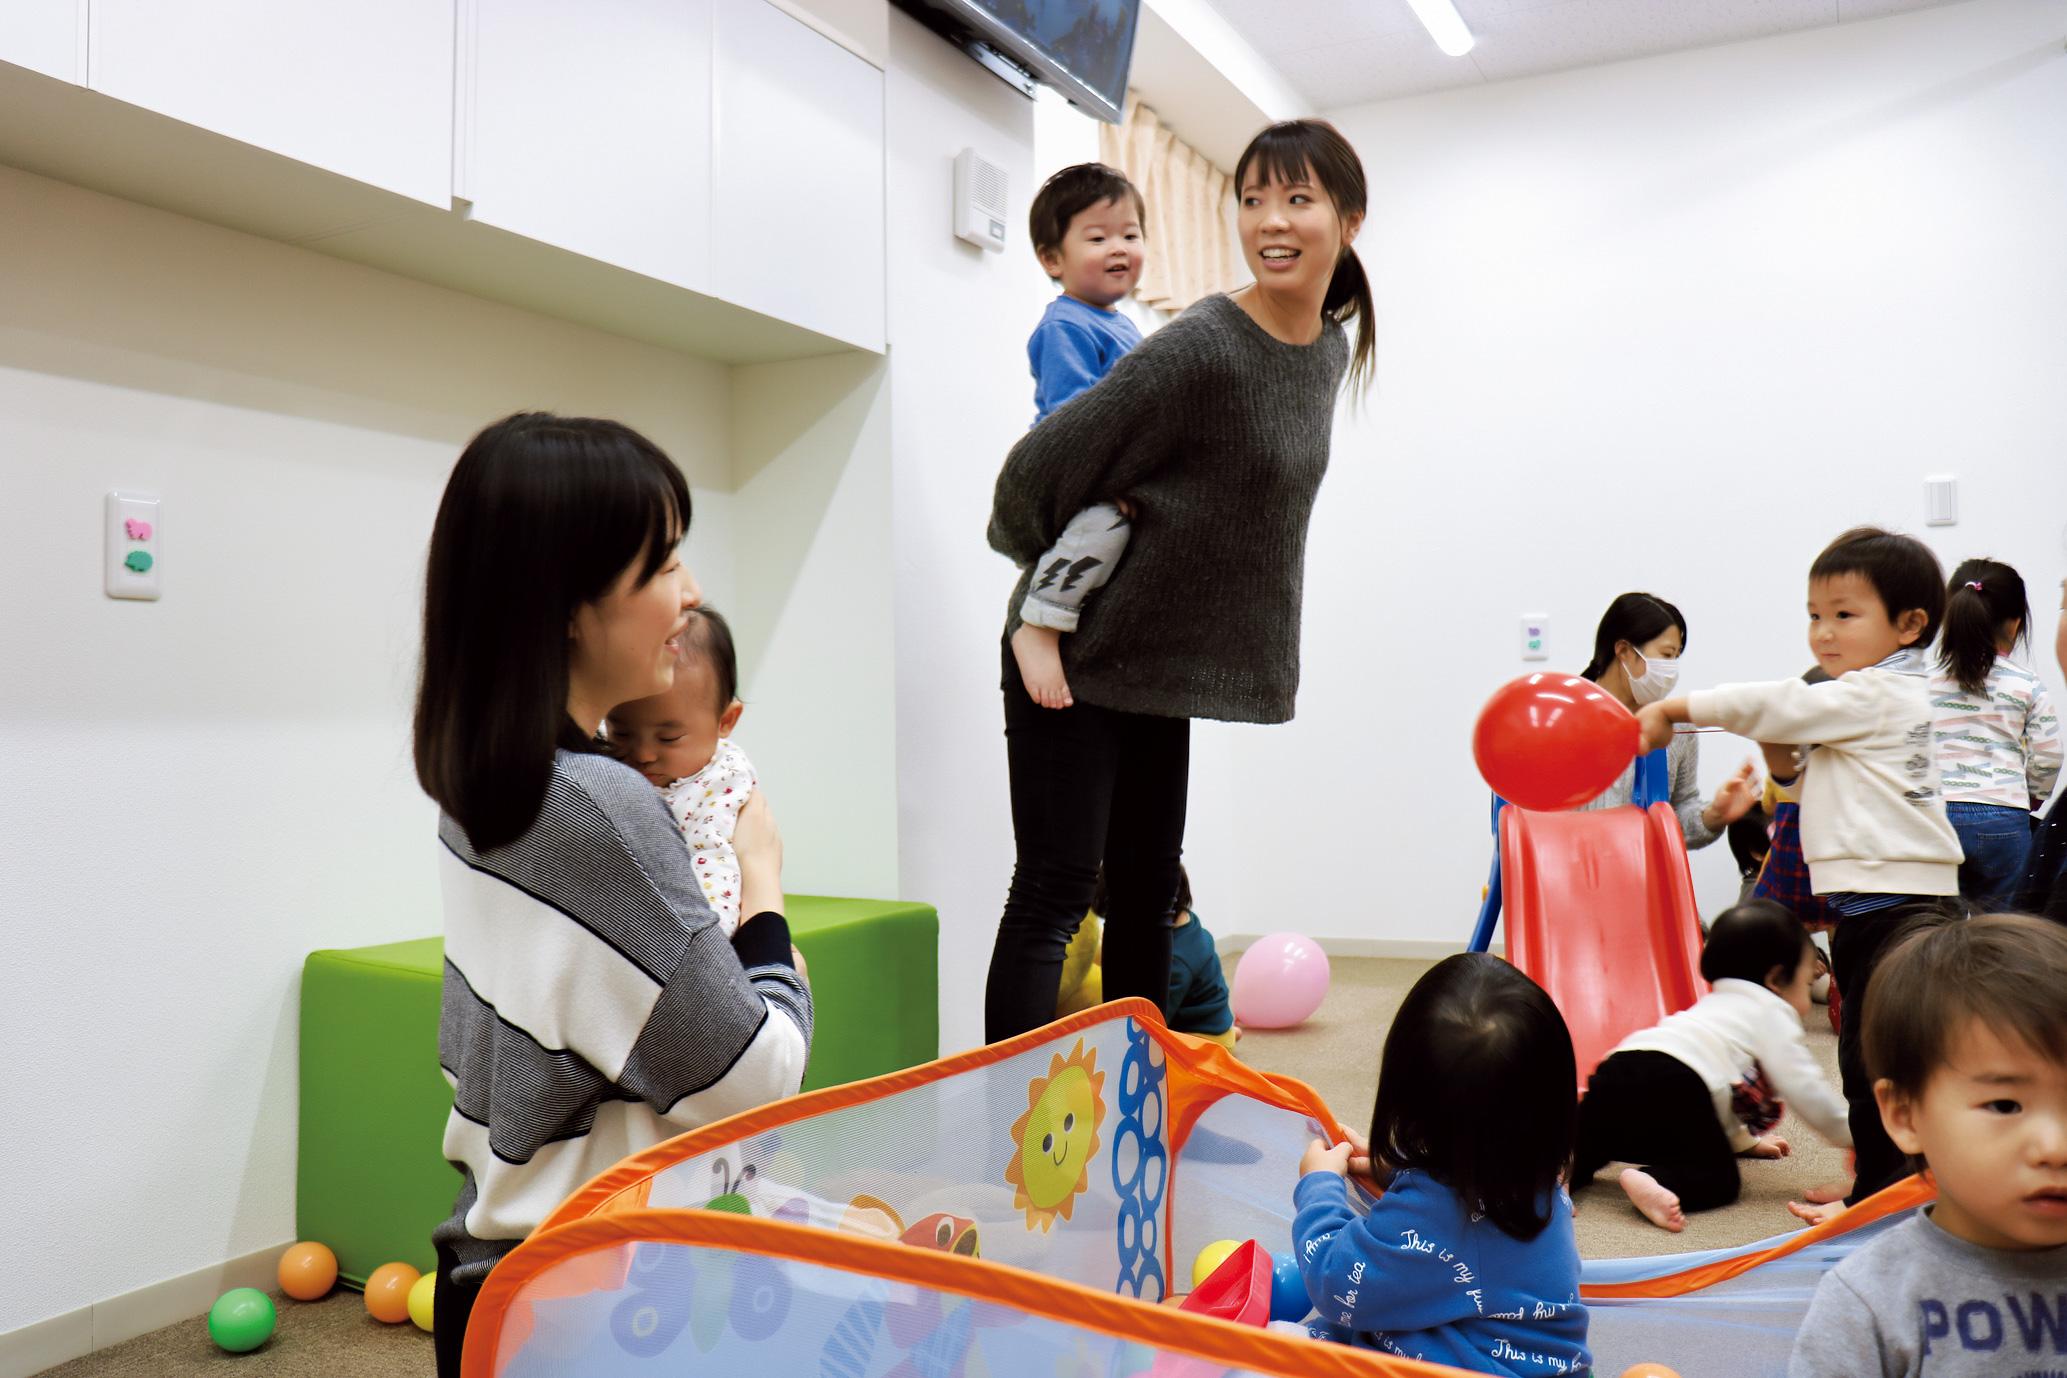 保育士一人ひとりが子どもたちと向き合っている姿はママには嬉しい!